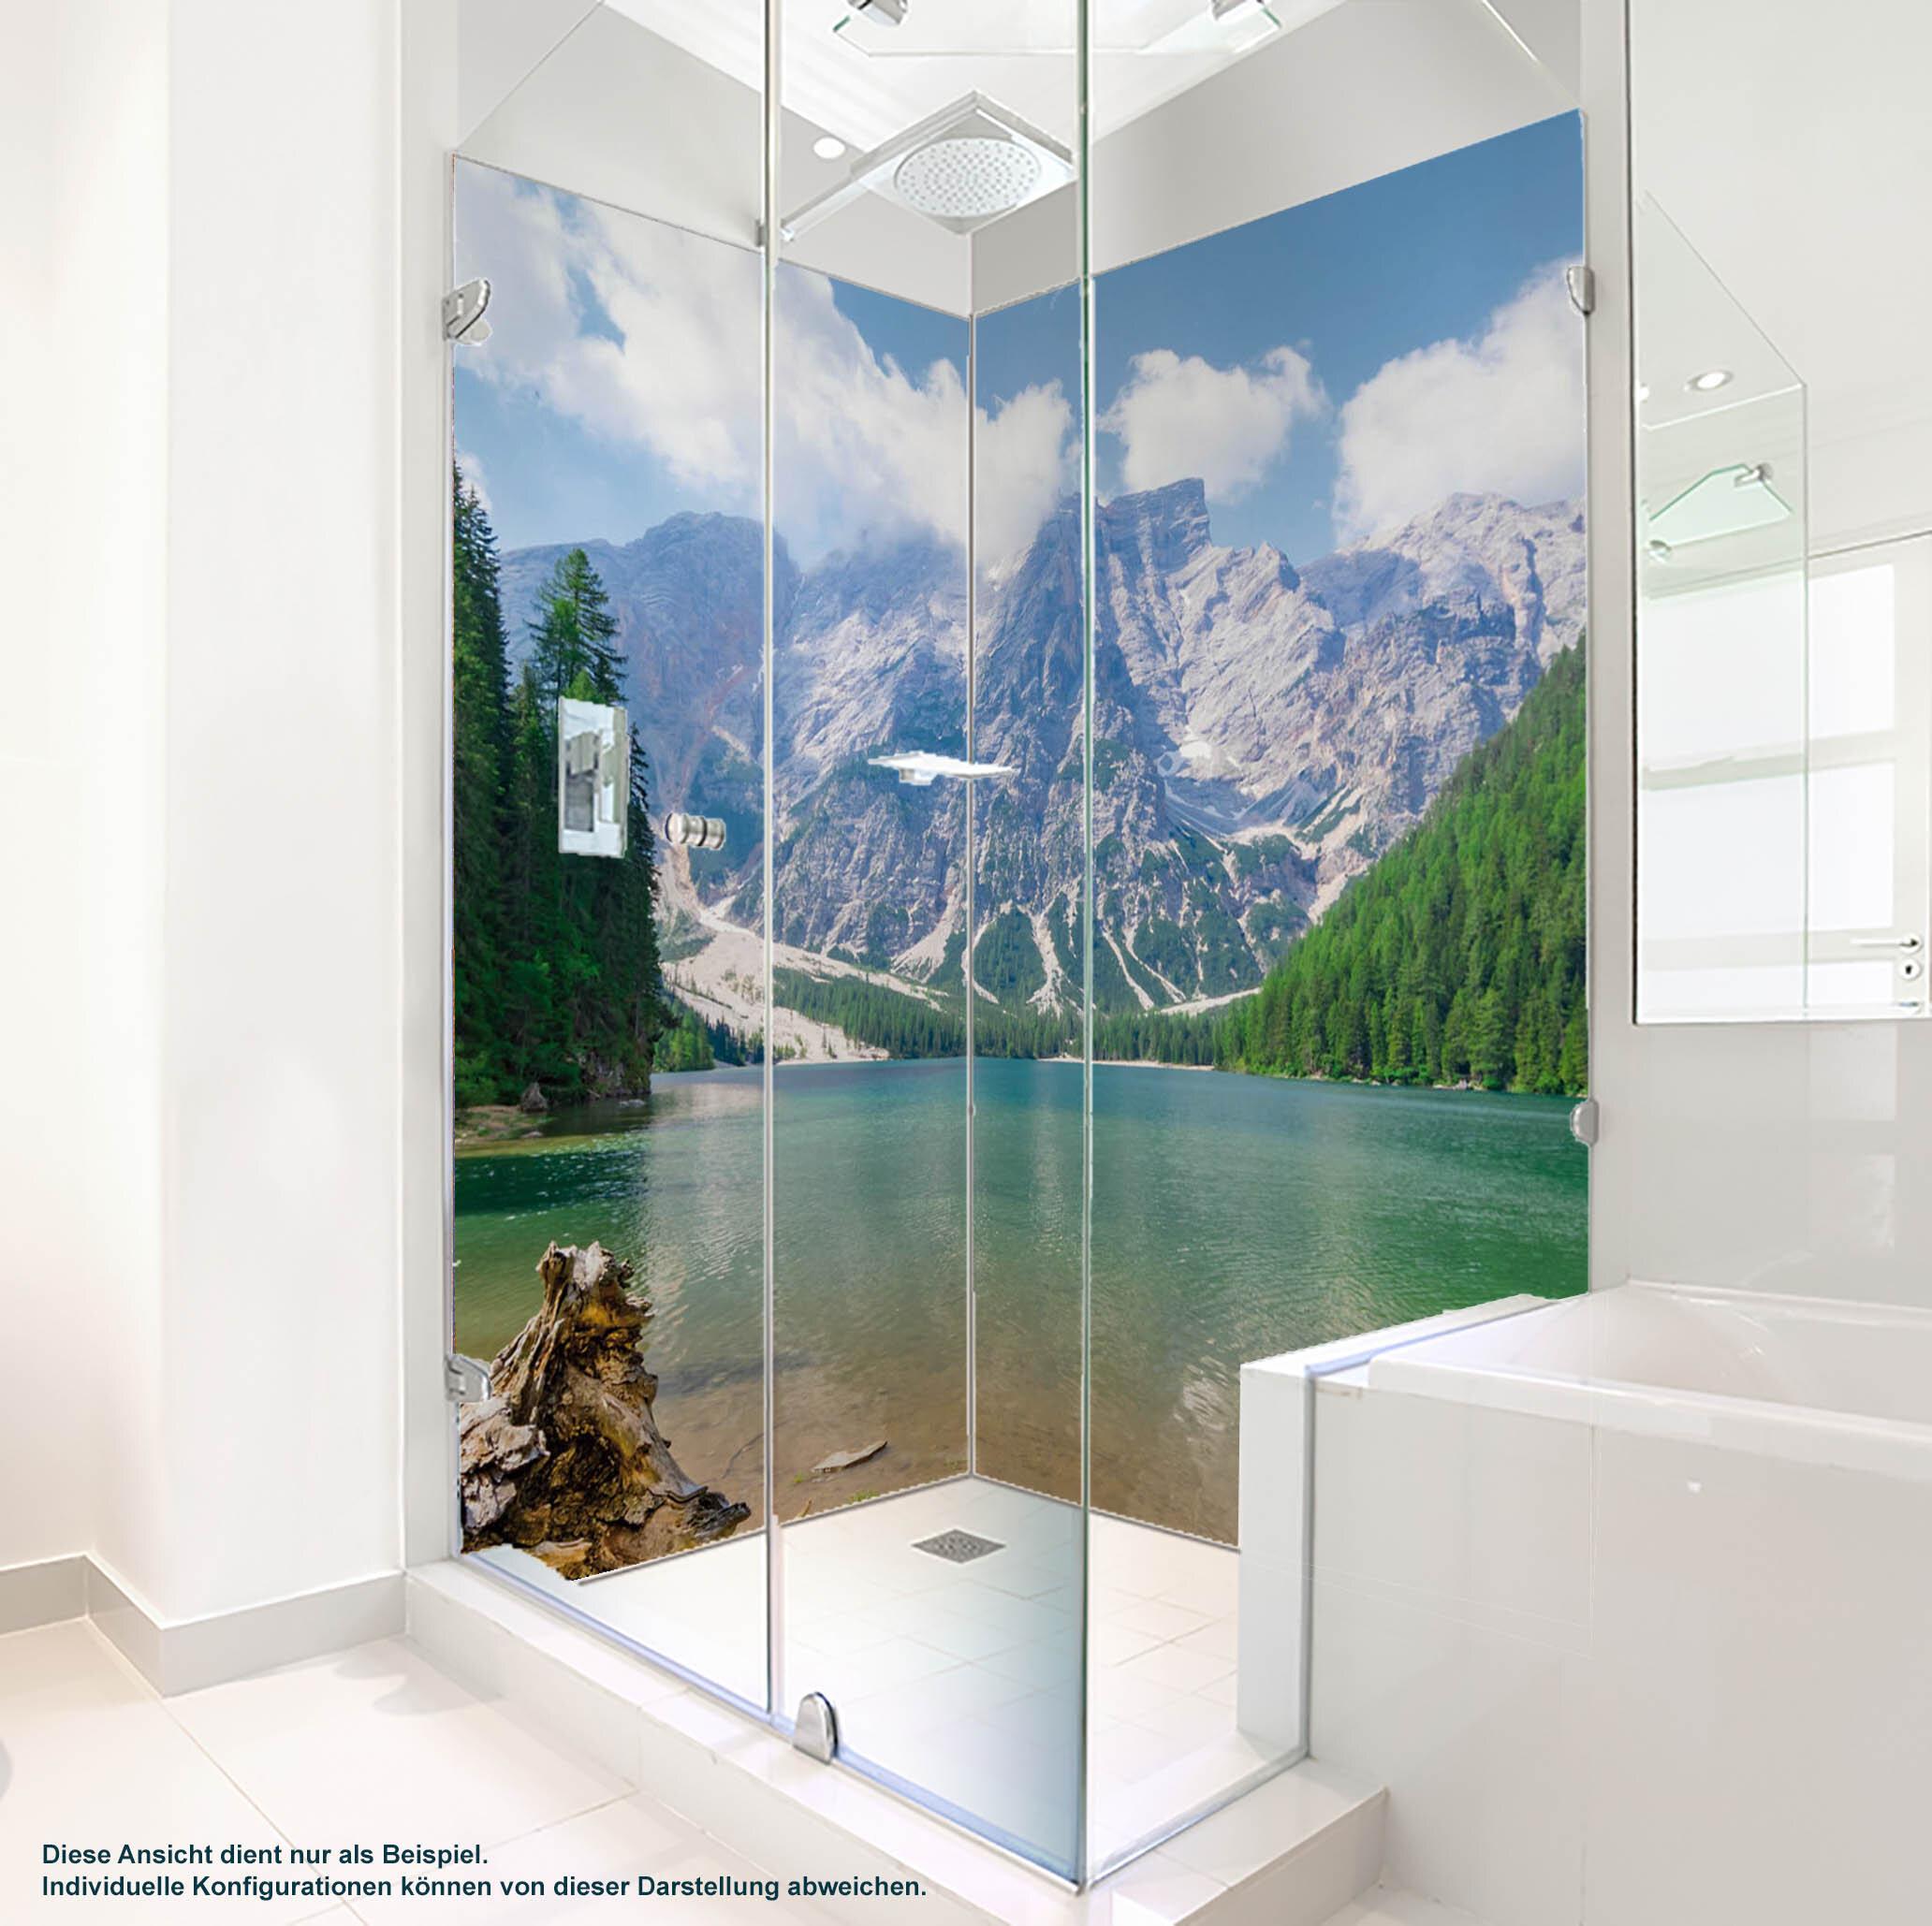 Dusche PlateART Duschrückwand mit Motiv Bergsee BS_05_20